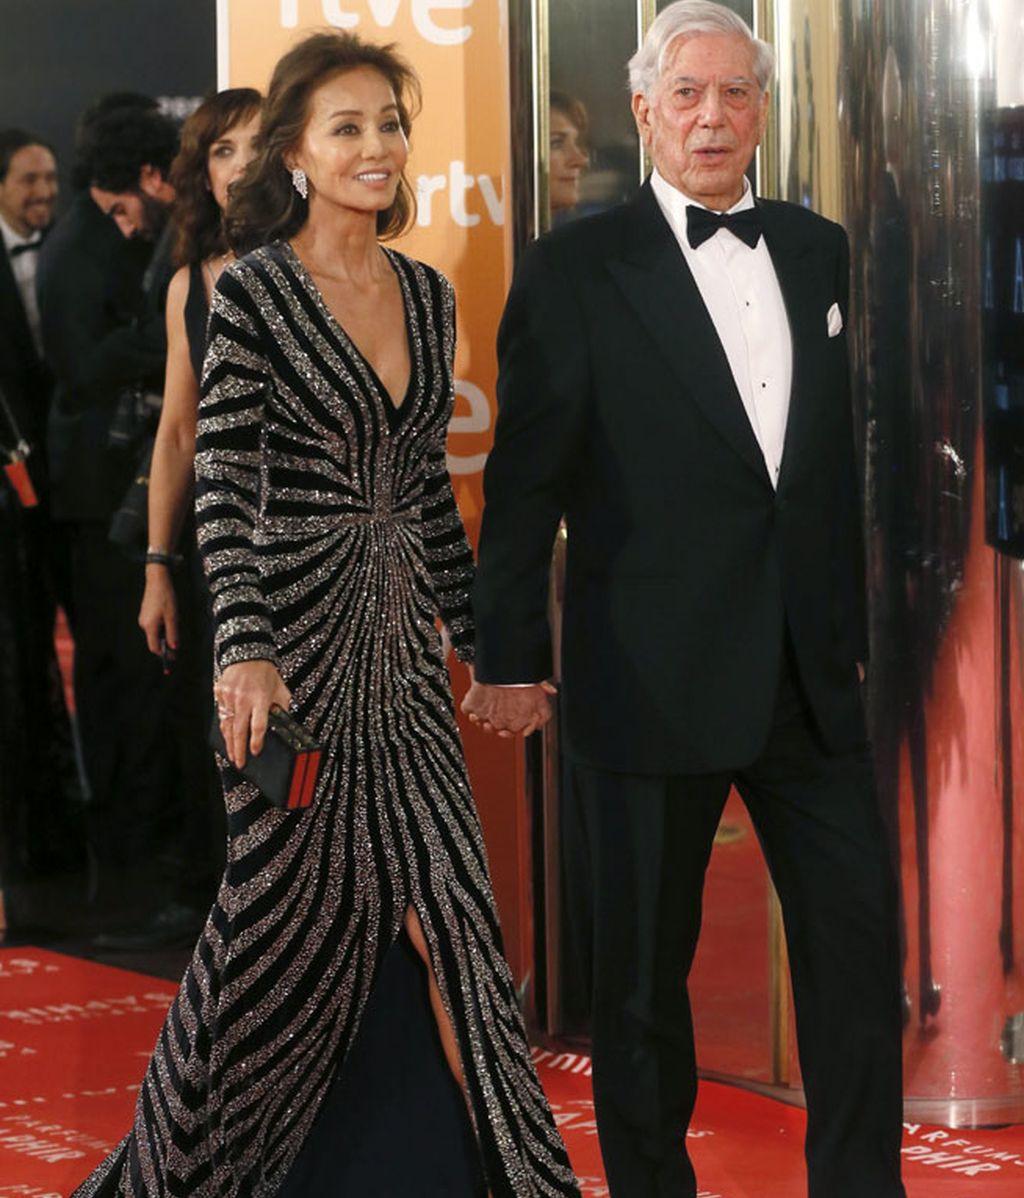 Mario Vargas llosa e Ssabel Preysler